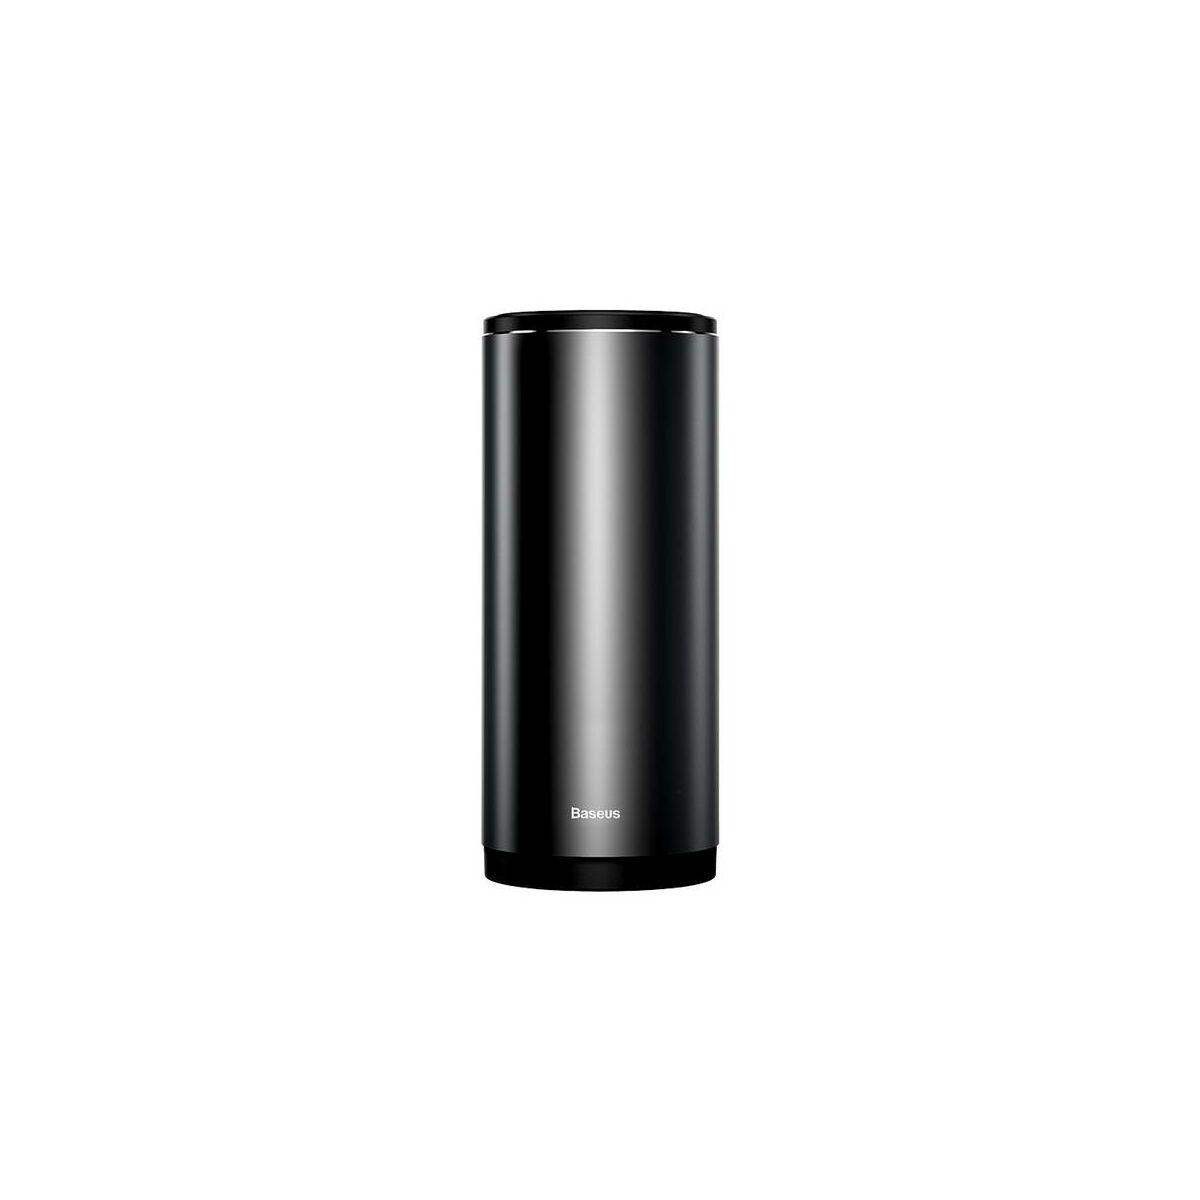 Baseus autós kiegészítő, Gentleman Style szemetes kuka (1 roll/30db a csomag tartalma), fekete (CRLJT-01)